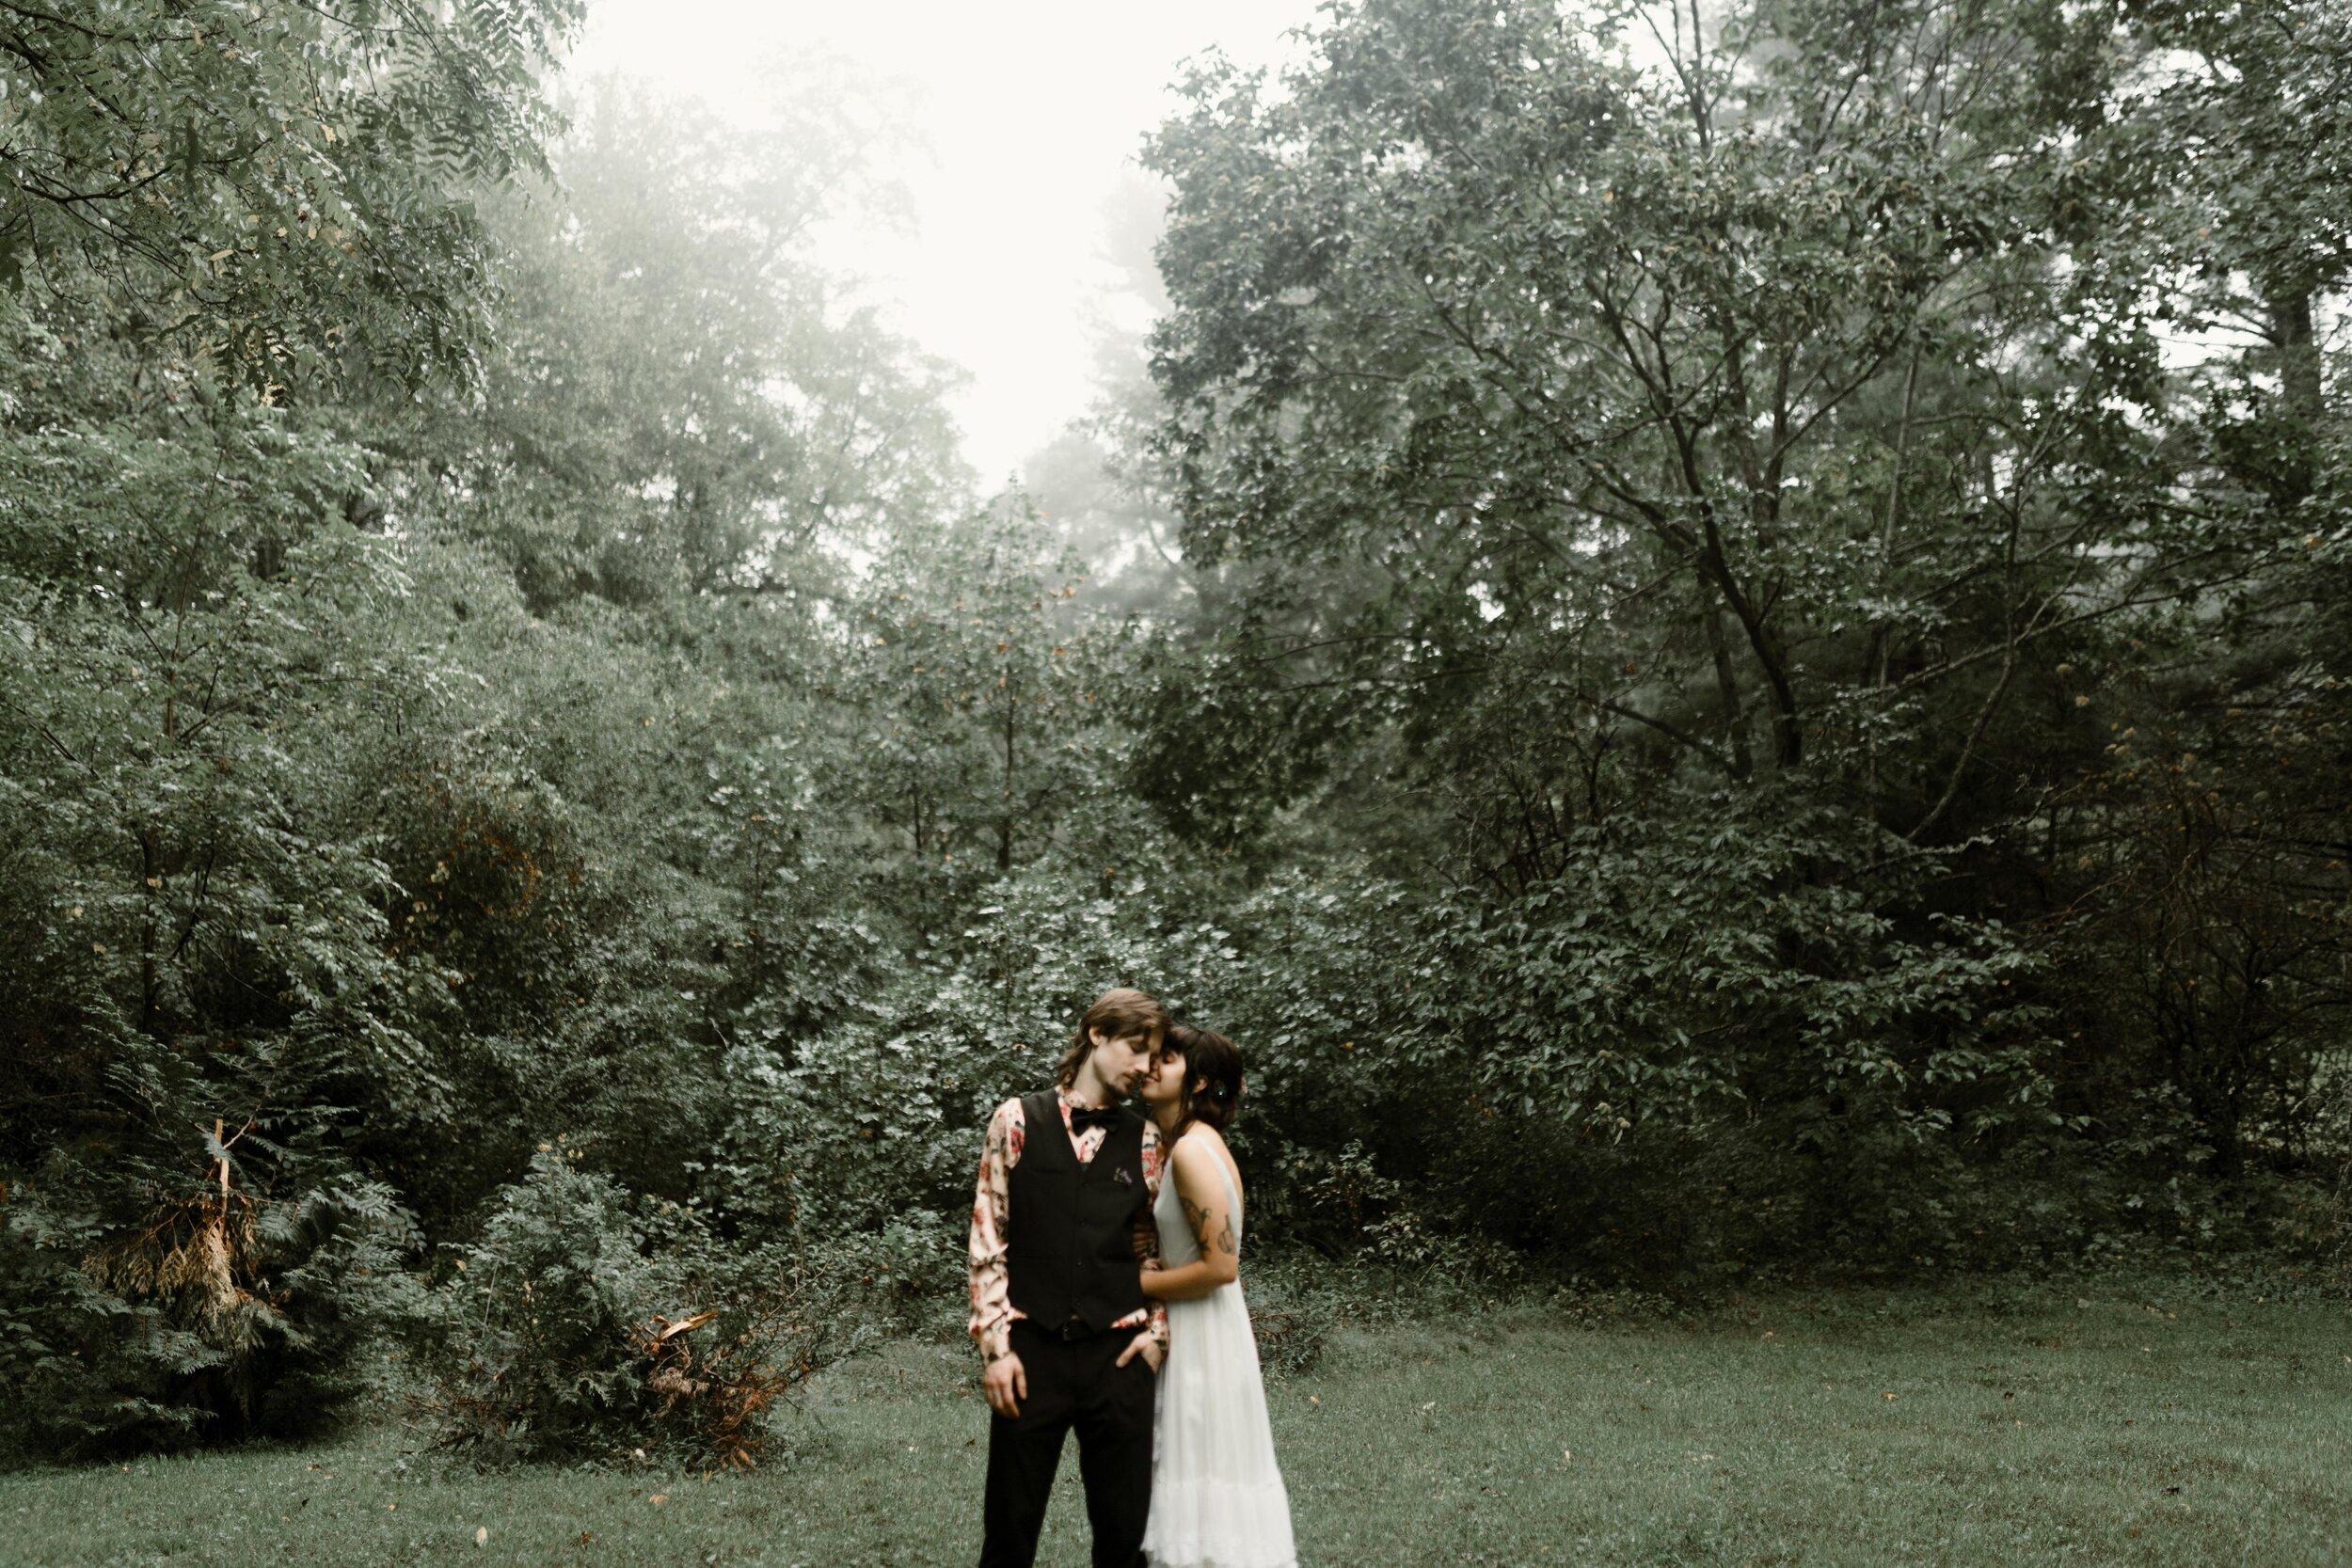 ASHEVILLE_WEDDING_TESS_AND_RYANDSC_5385-2.jpg